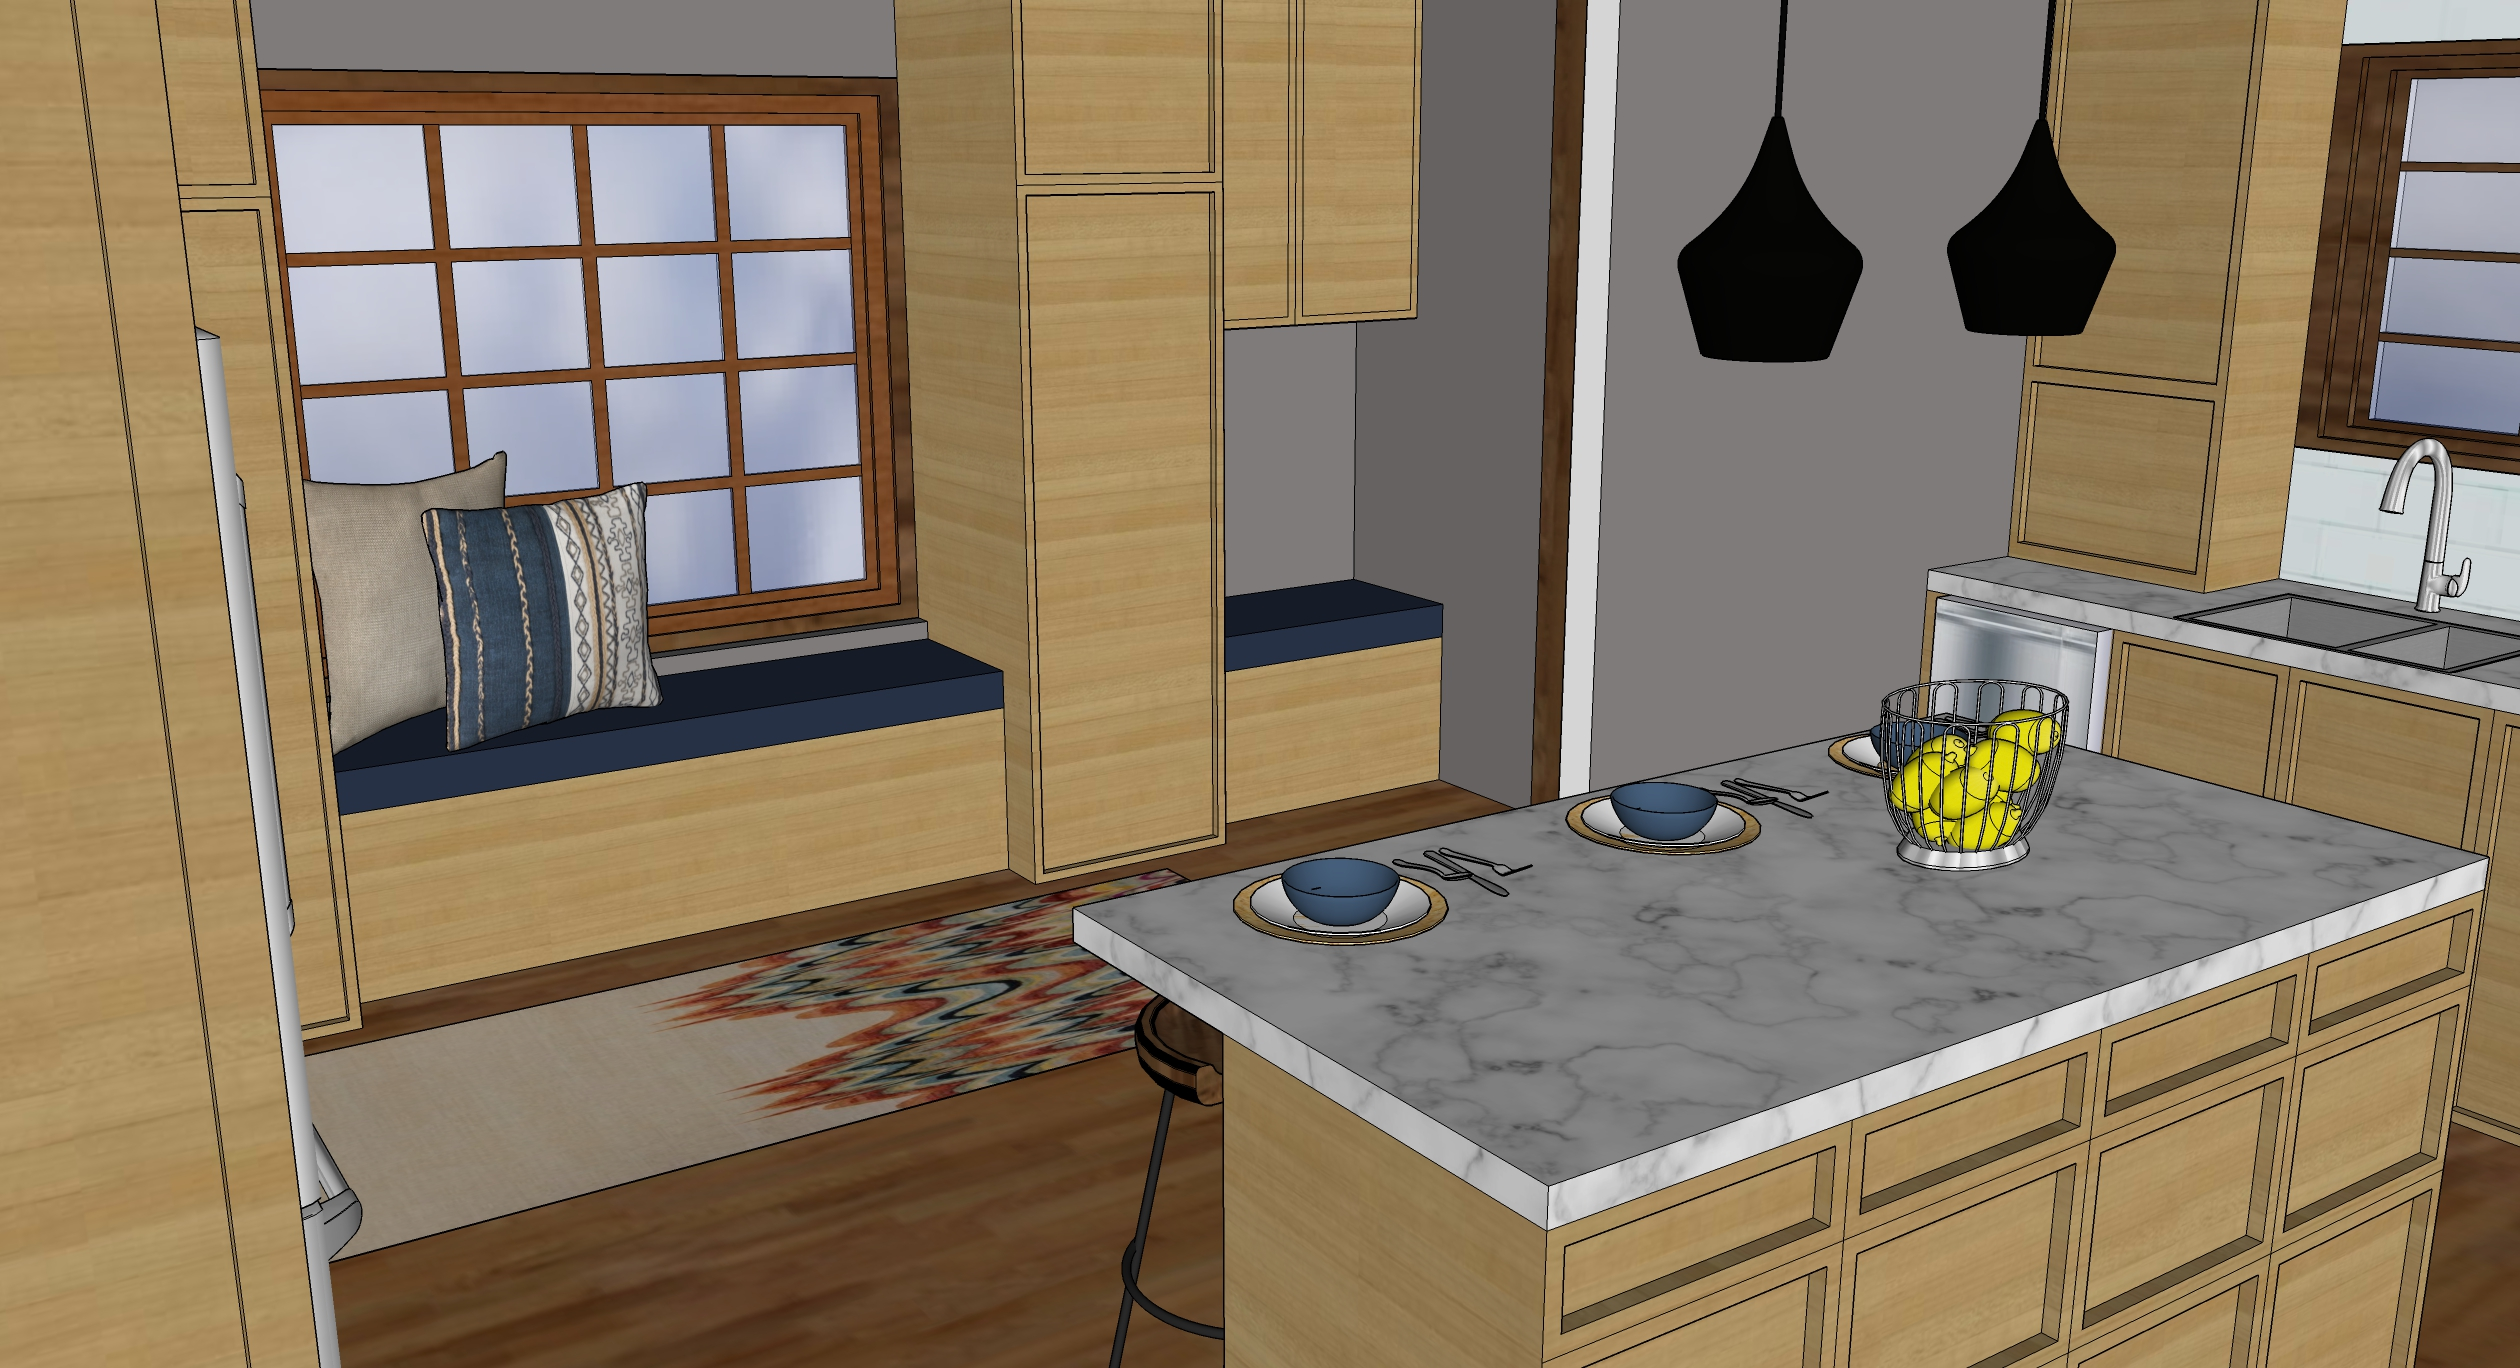 kk kitchen island render